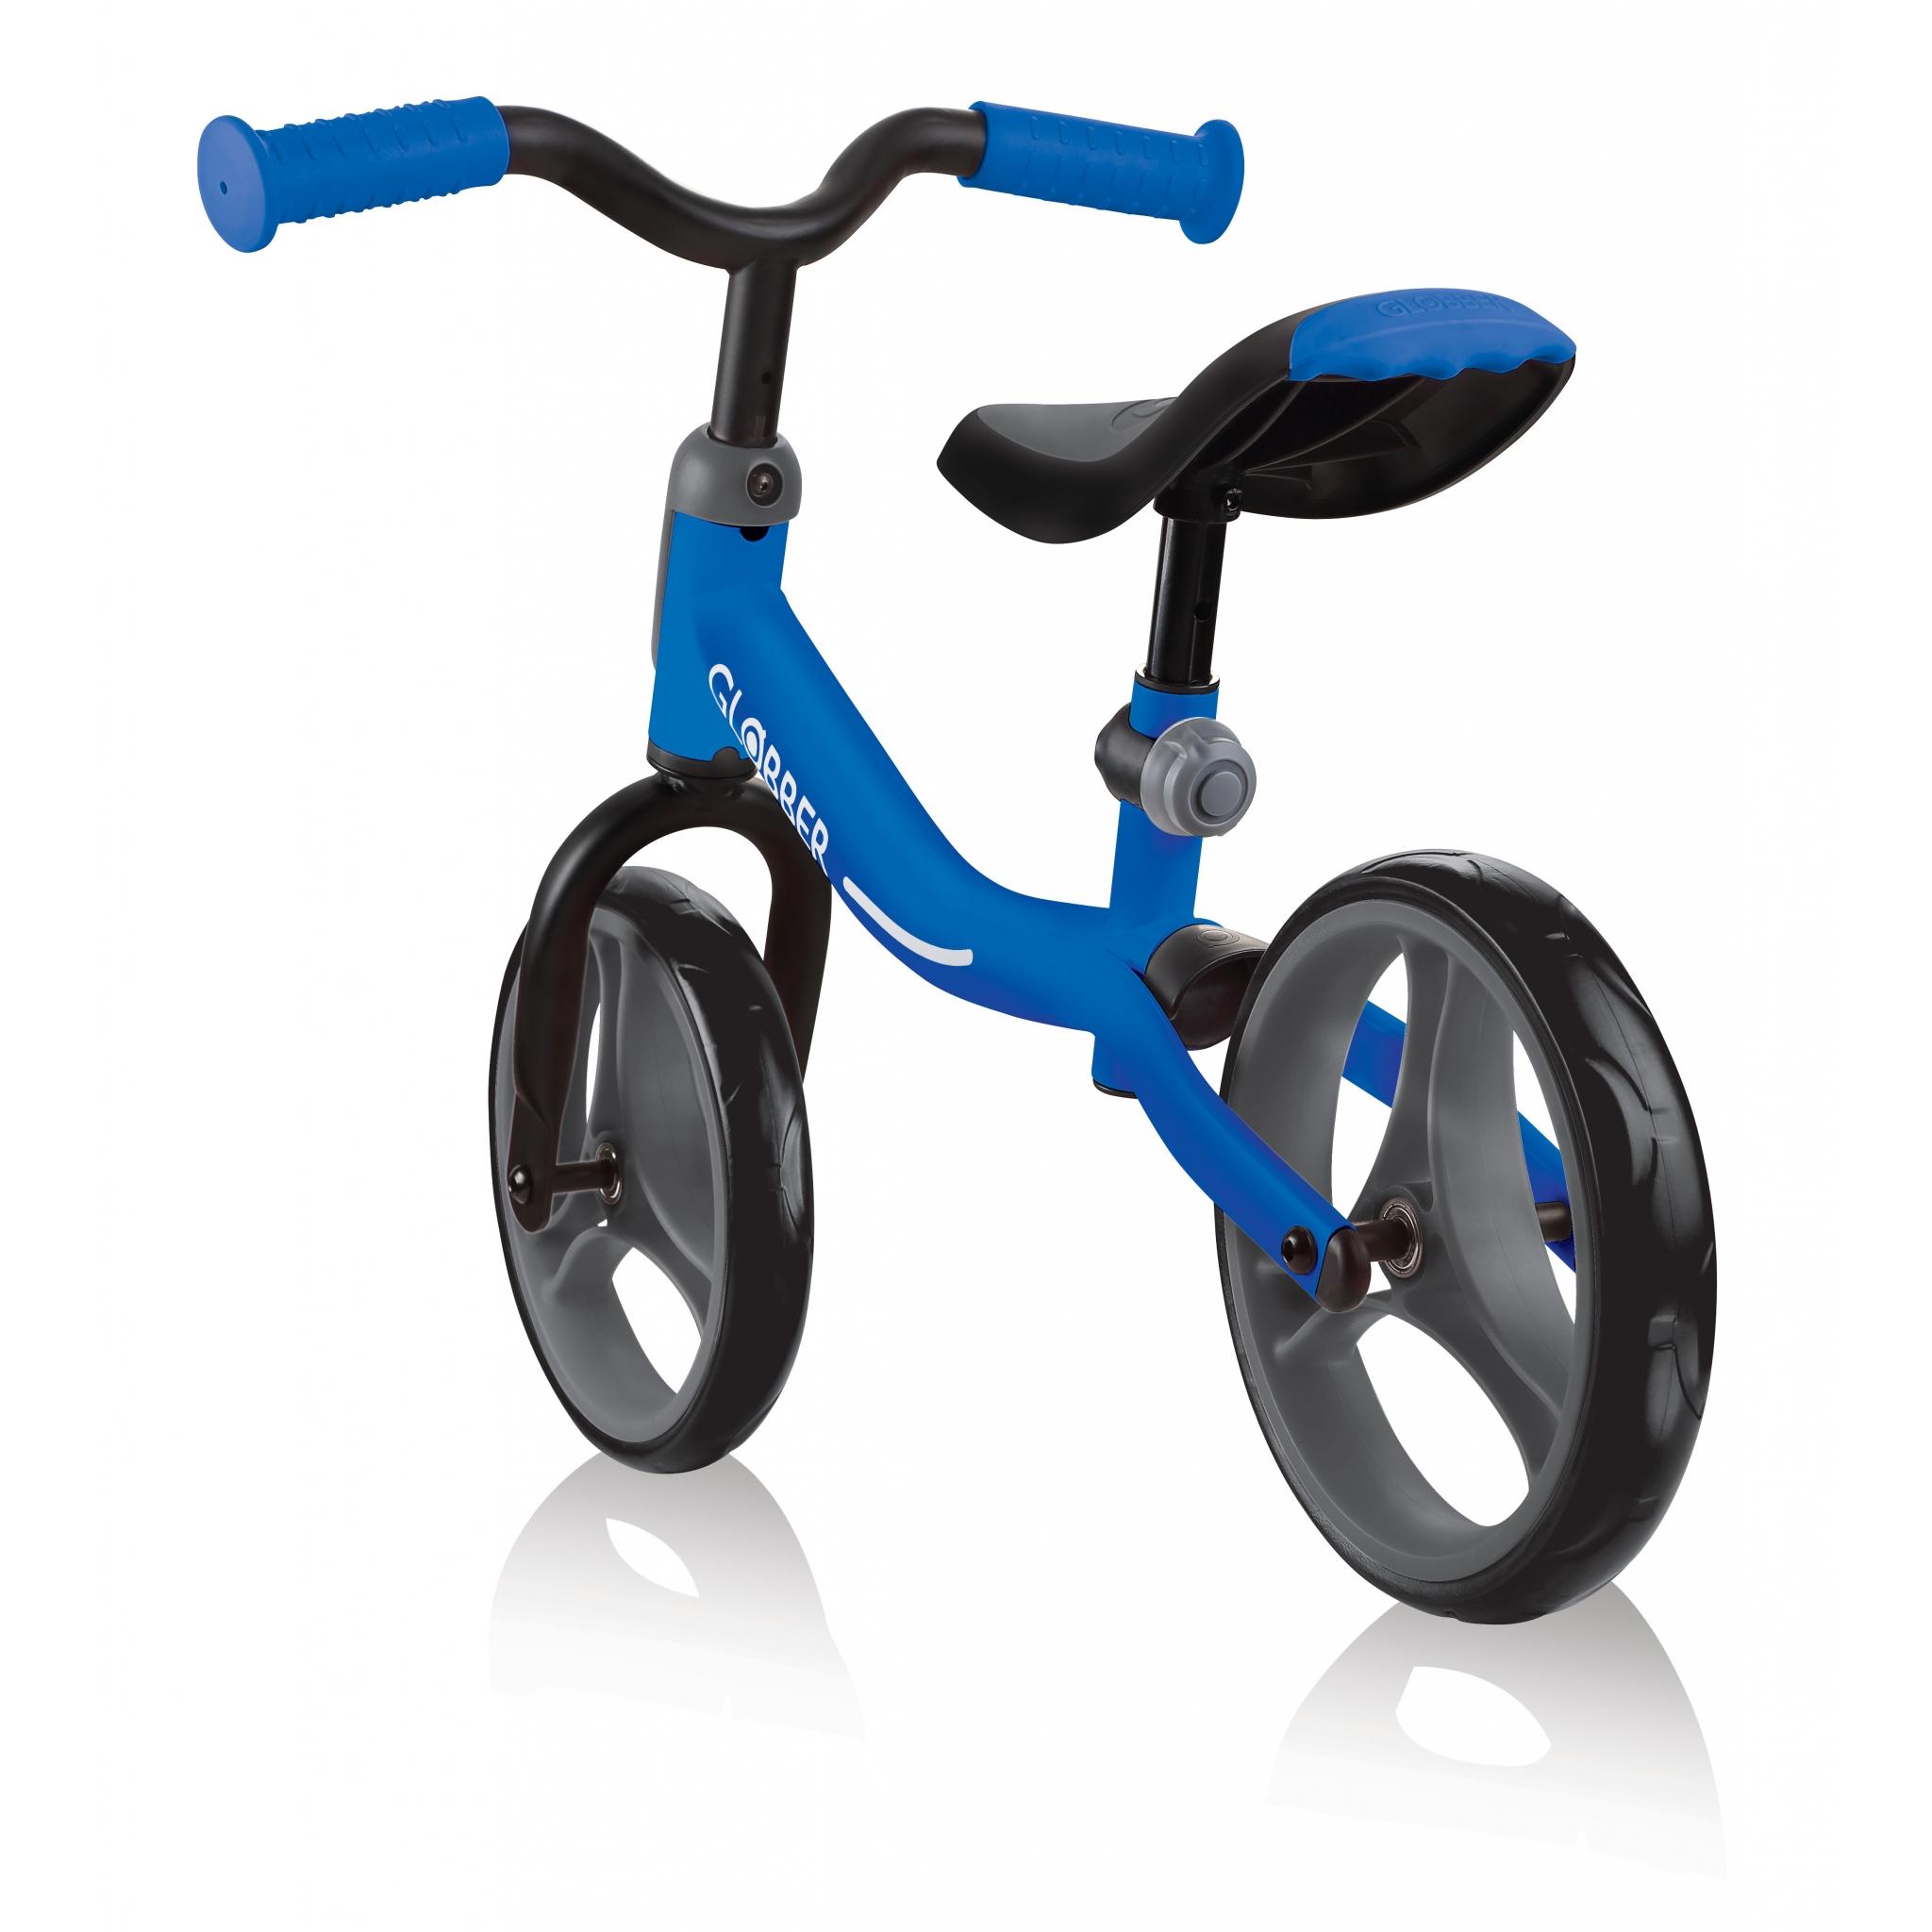 adjustable balance bike for toddlers - Globber GO BIKE 2